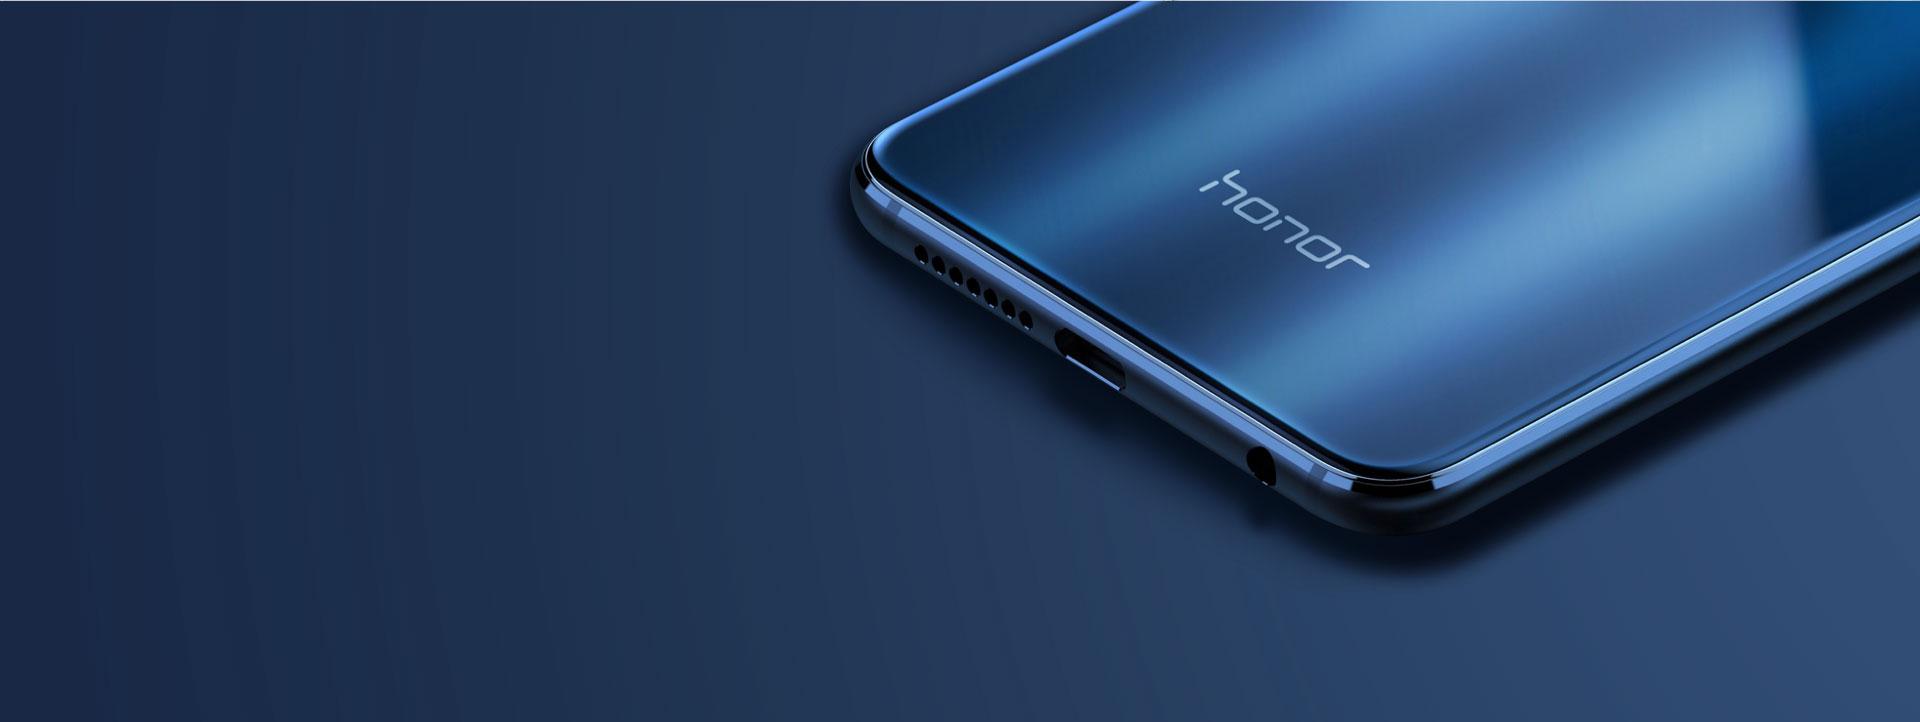 Тесты Honor 8 Pro: производительность, батарея, дисплей